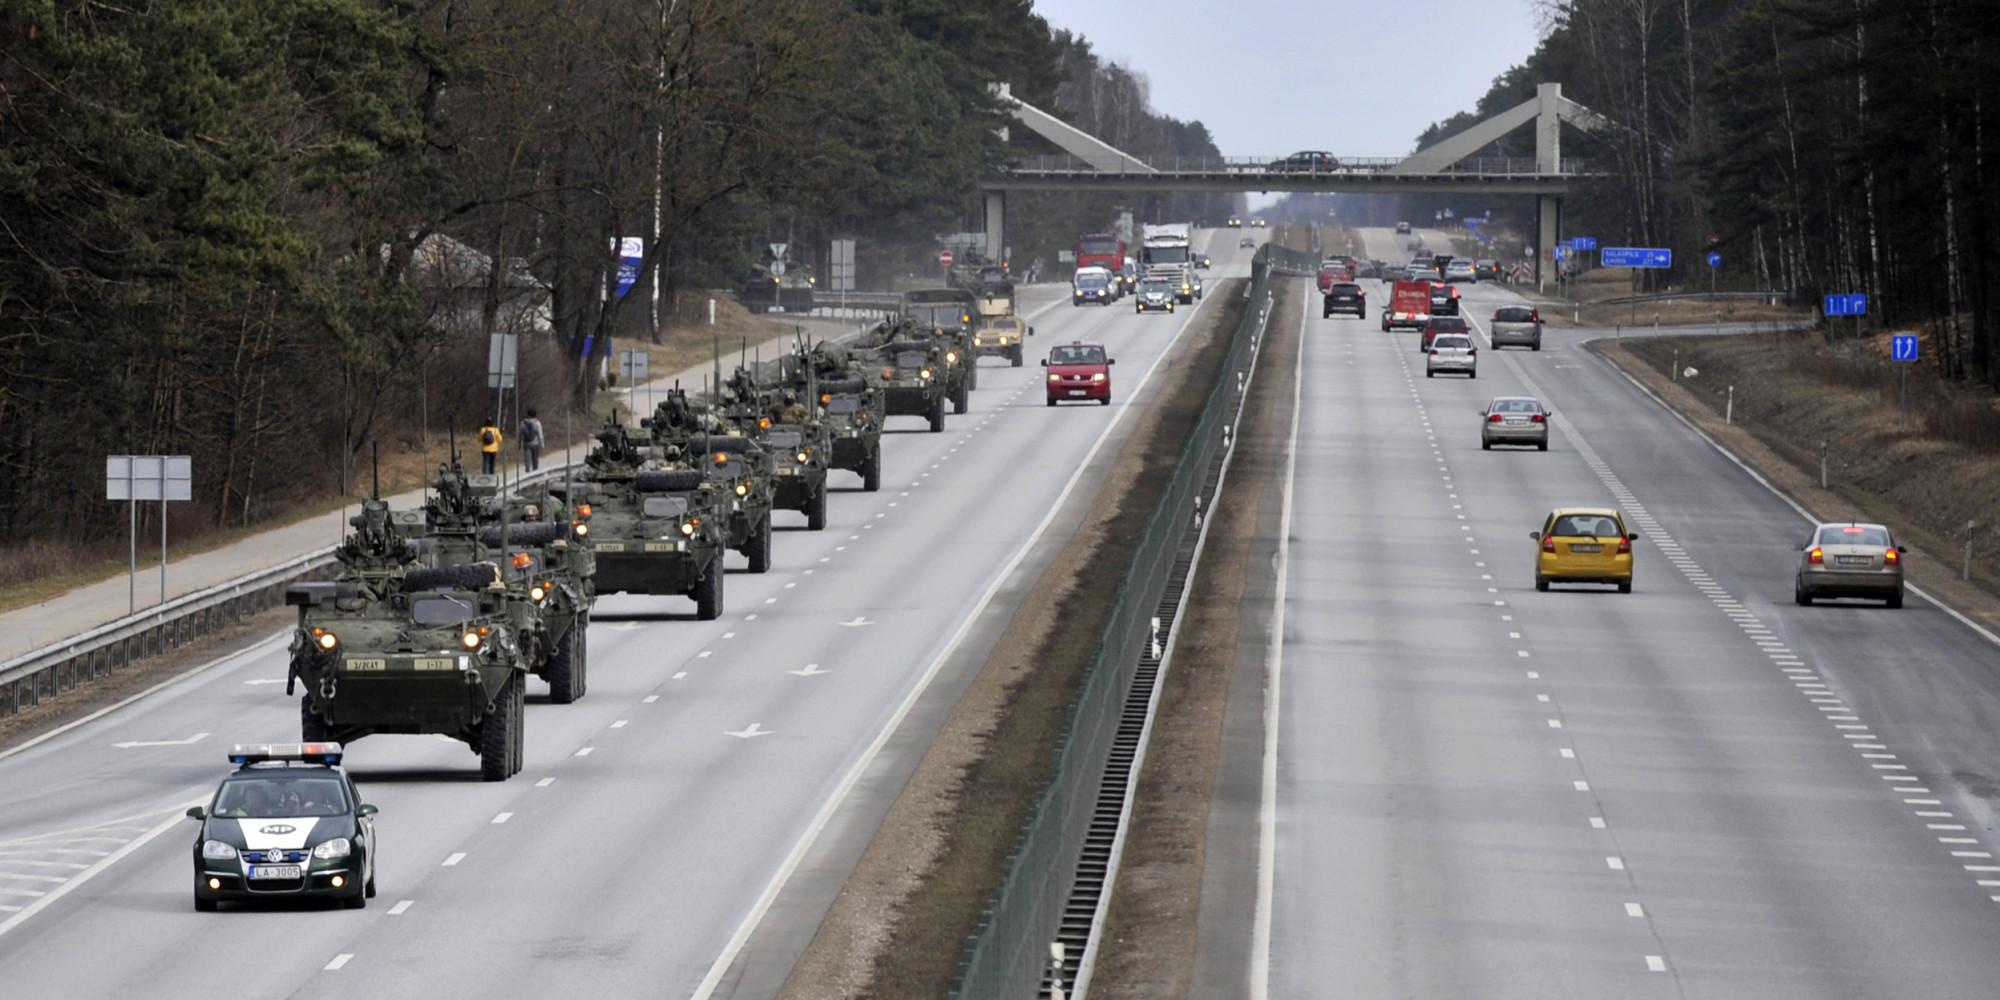 Huffington Post: americký konvoj v EU ukázal světu zaostalost USA